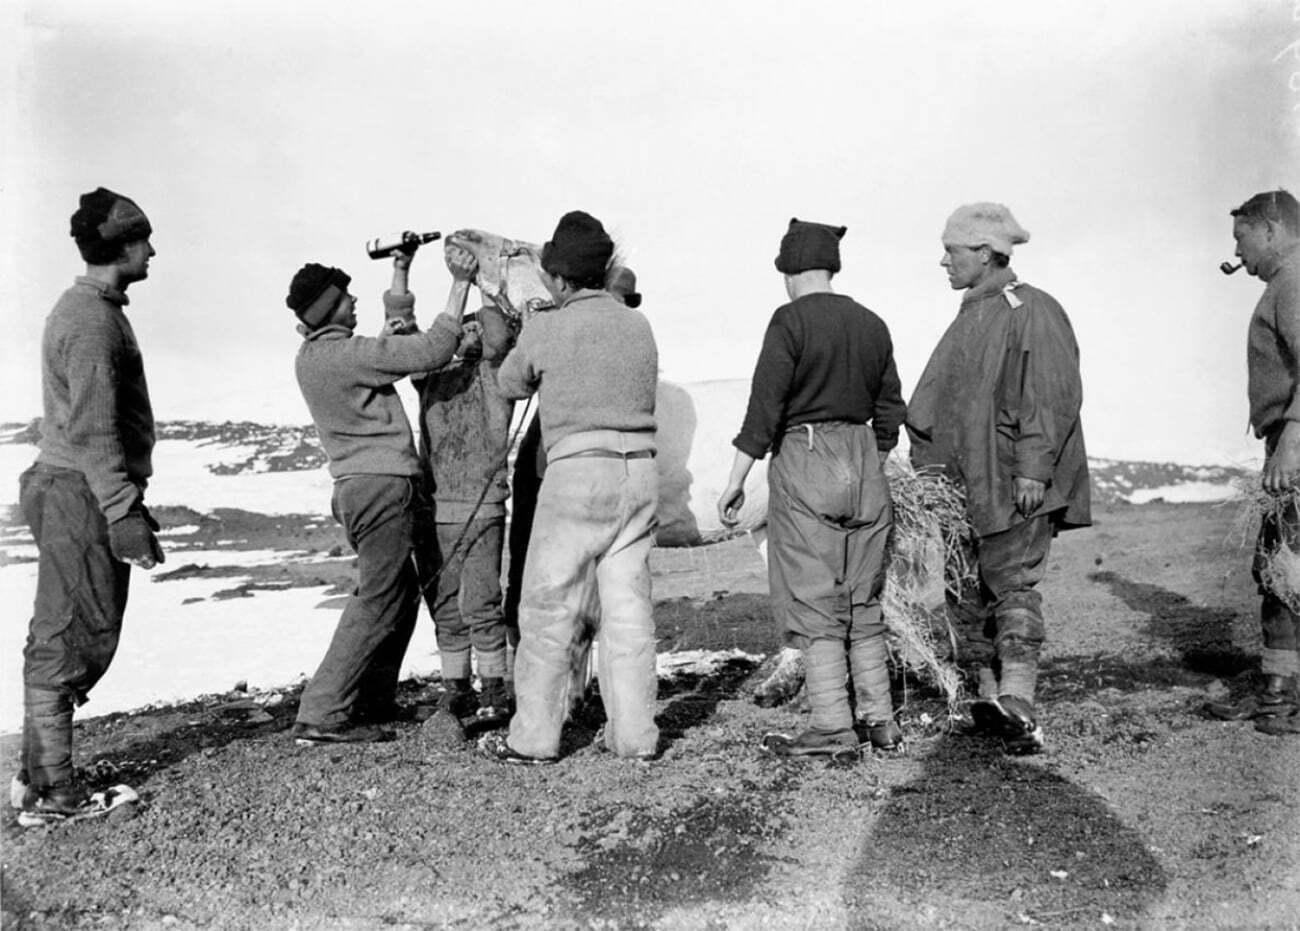 imagem de membros da expedição Terra Nova e um pônei na Antártica